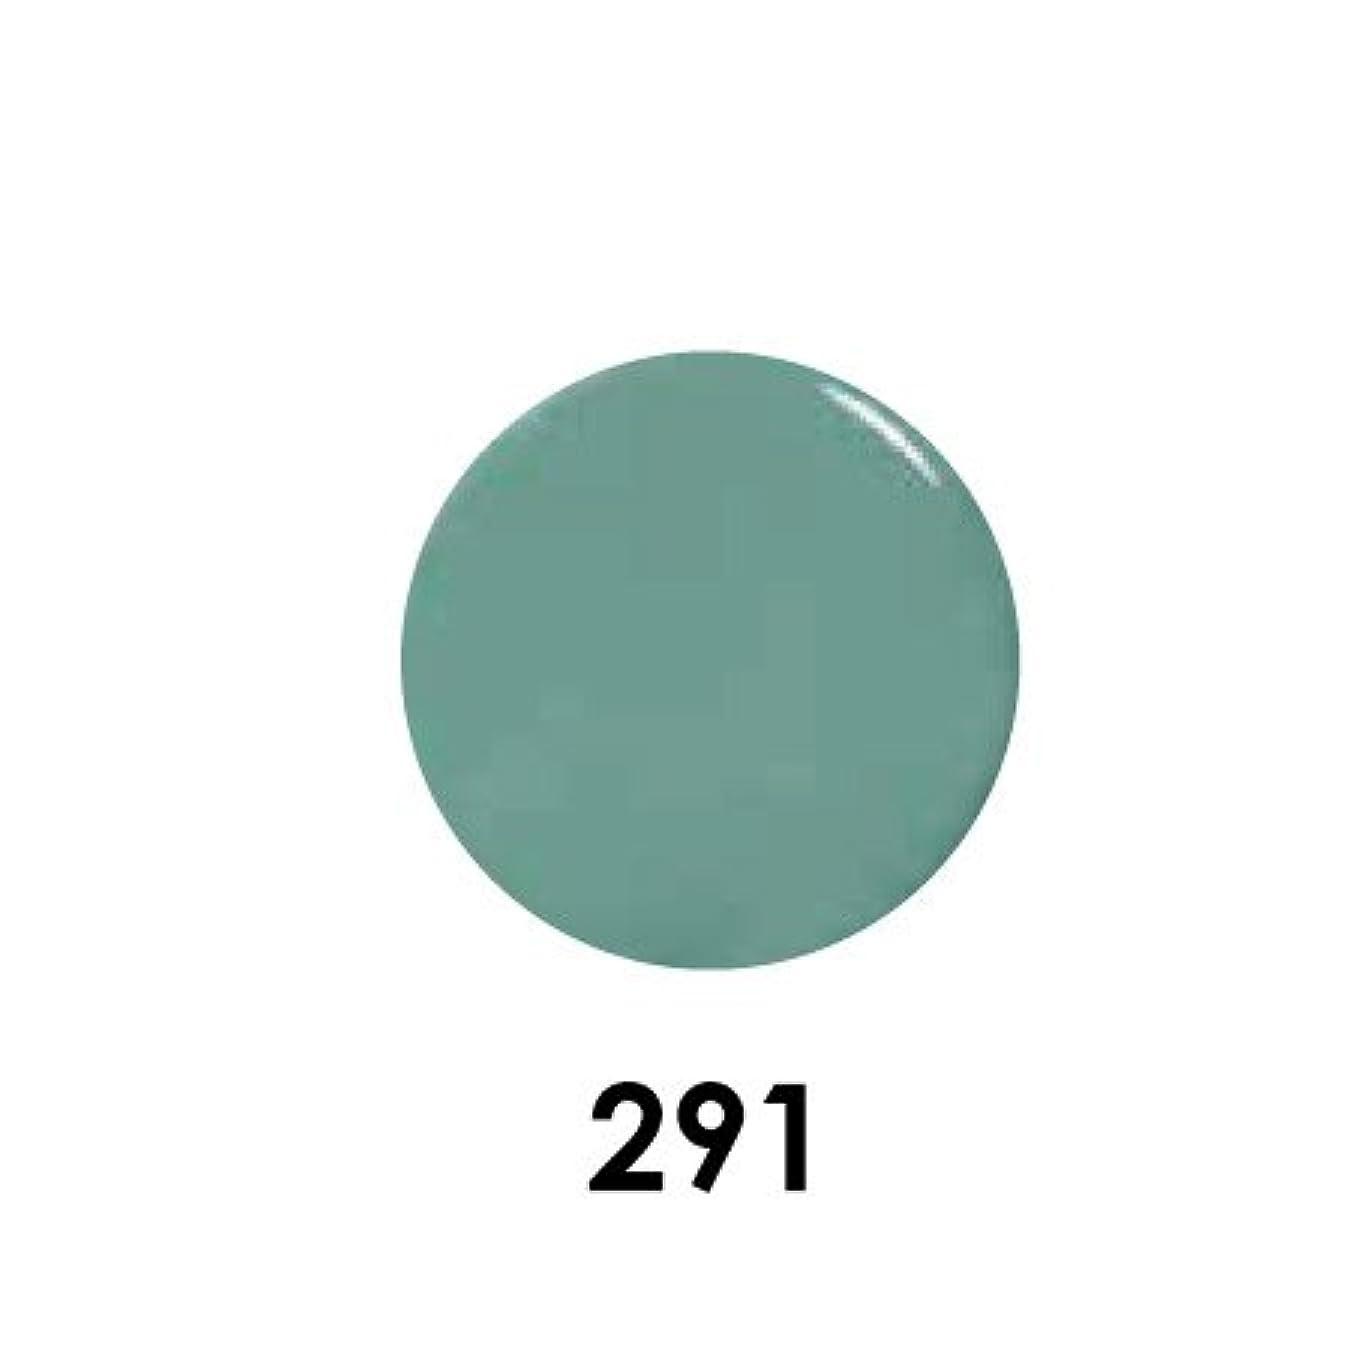 複雑でない引き出すありふれたPutiel プティール カラージェル 291 メキシカンターコイズ? 2g (MARIEプロデュース)